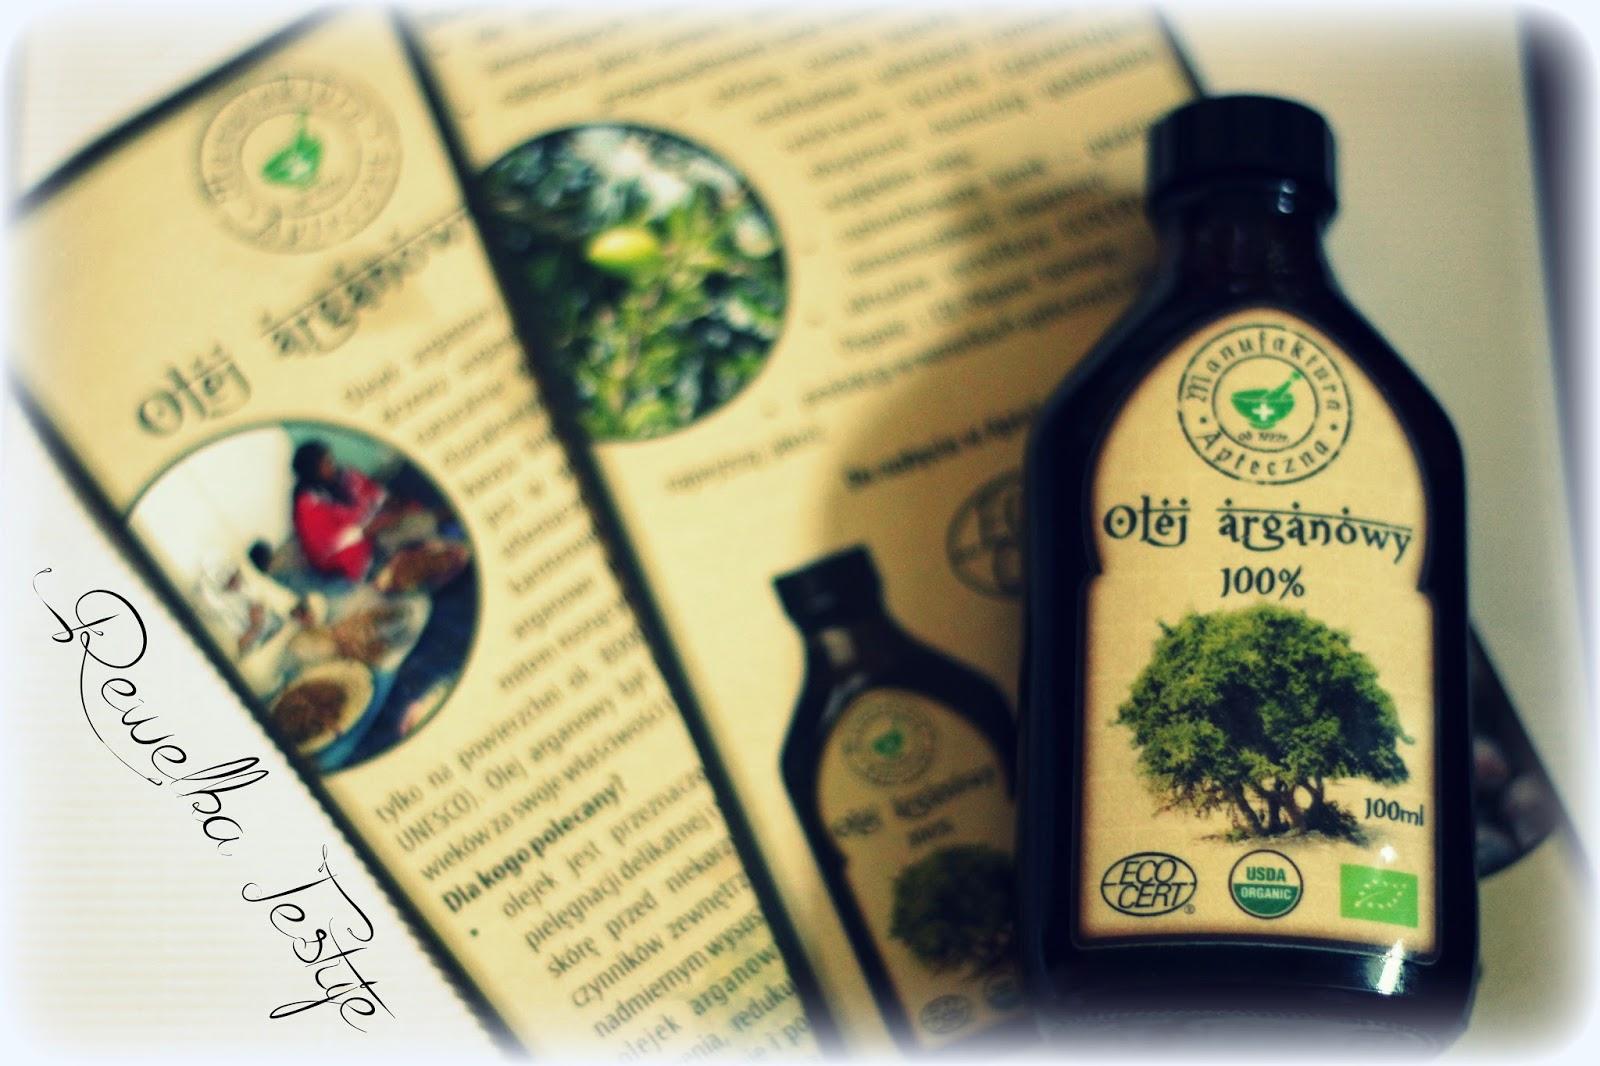 100% olej arganowy z Maroka od Manufaktura Apteczna - recenzja